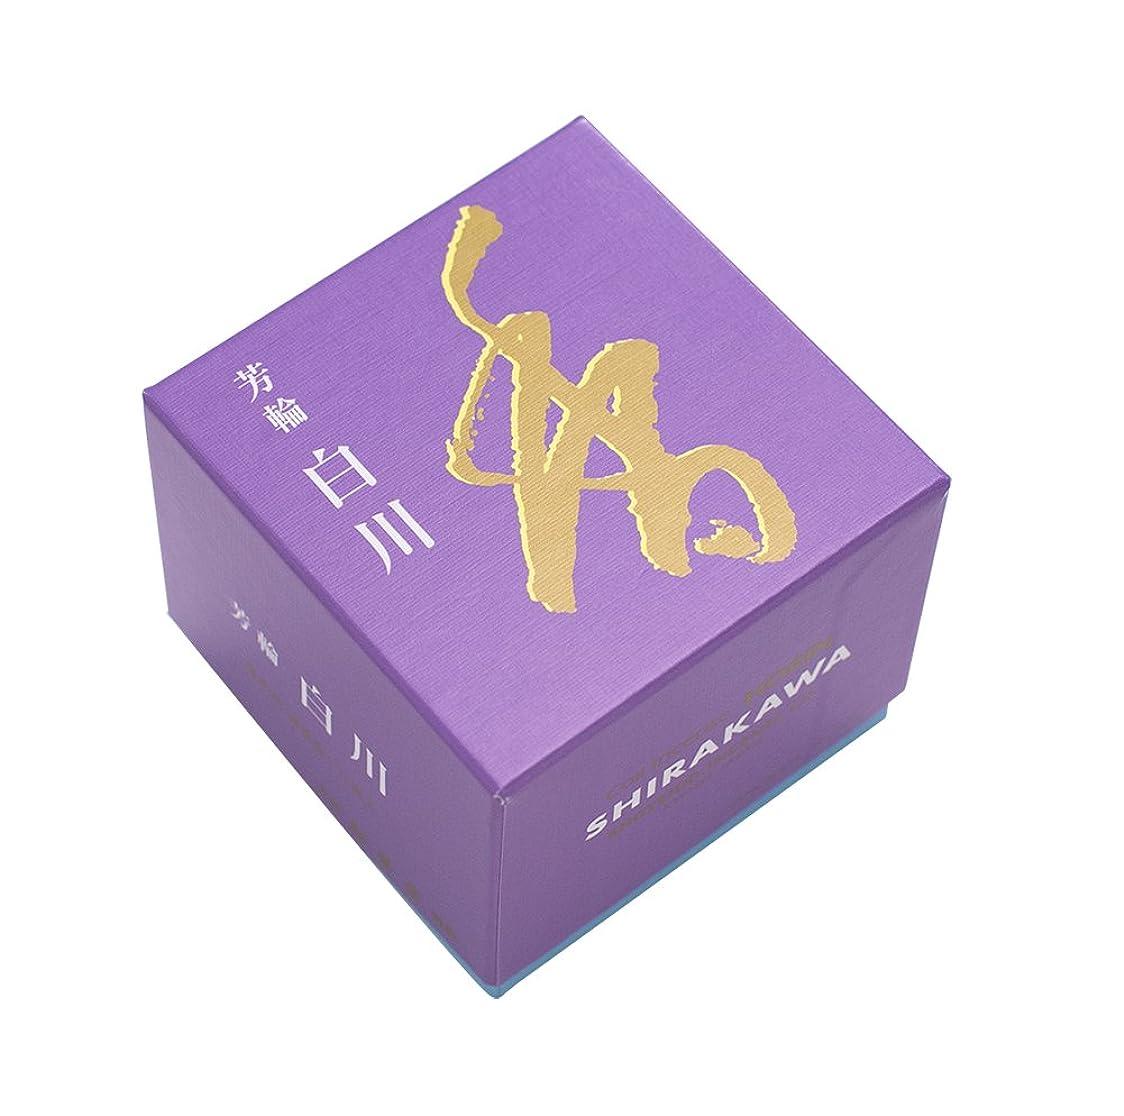 ランタン匹敵します用語集松栄堂のお香 芳輪白川 渦巻型10枚入 うてな角型付 #210621